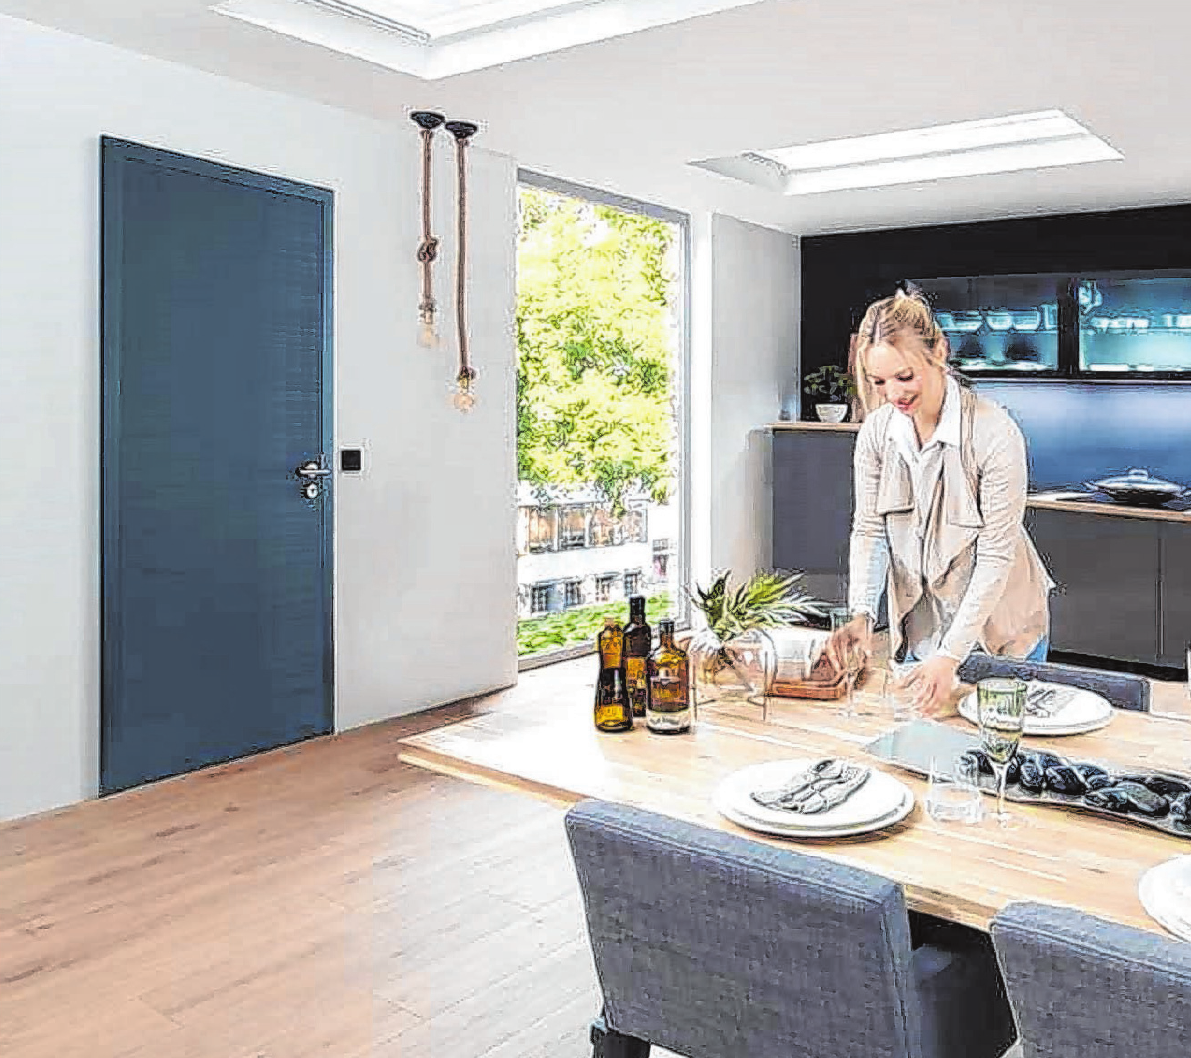 Bei der Auswahl der Zimmertüren kommt es neben der Funktionalität auch auf das Design an. Foto: djd/Hörmann